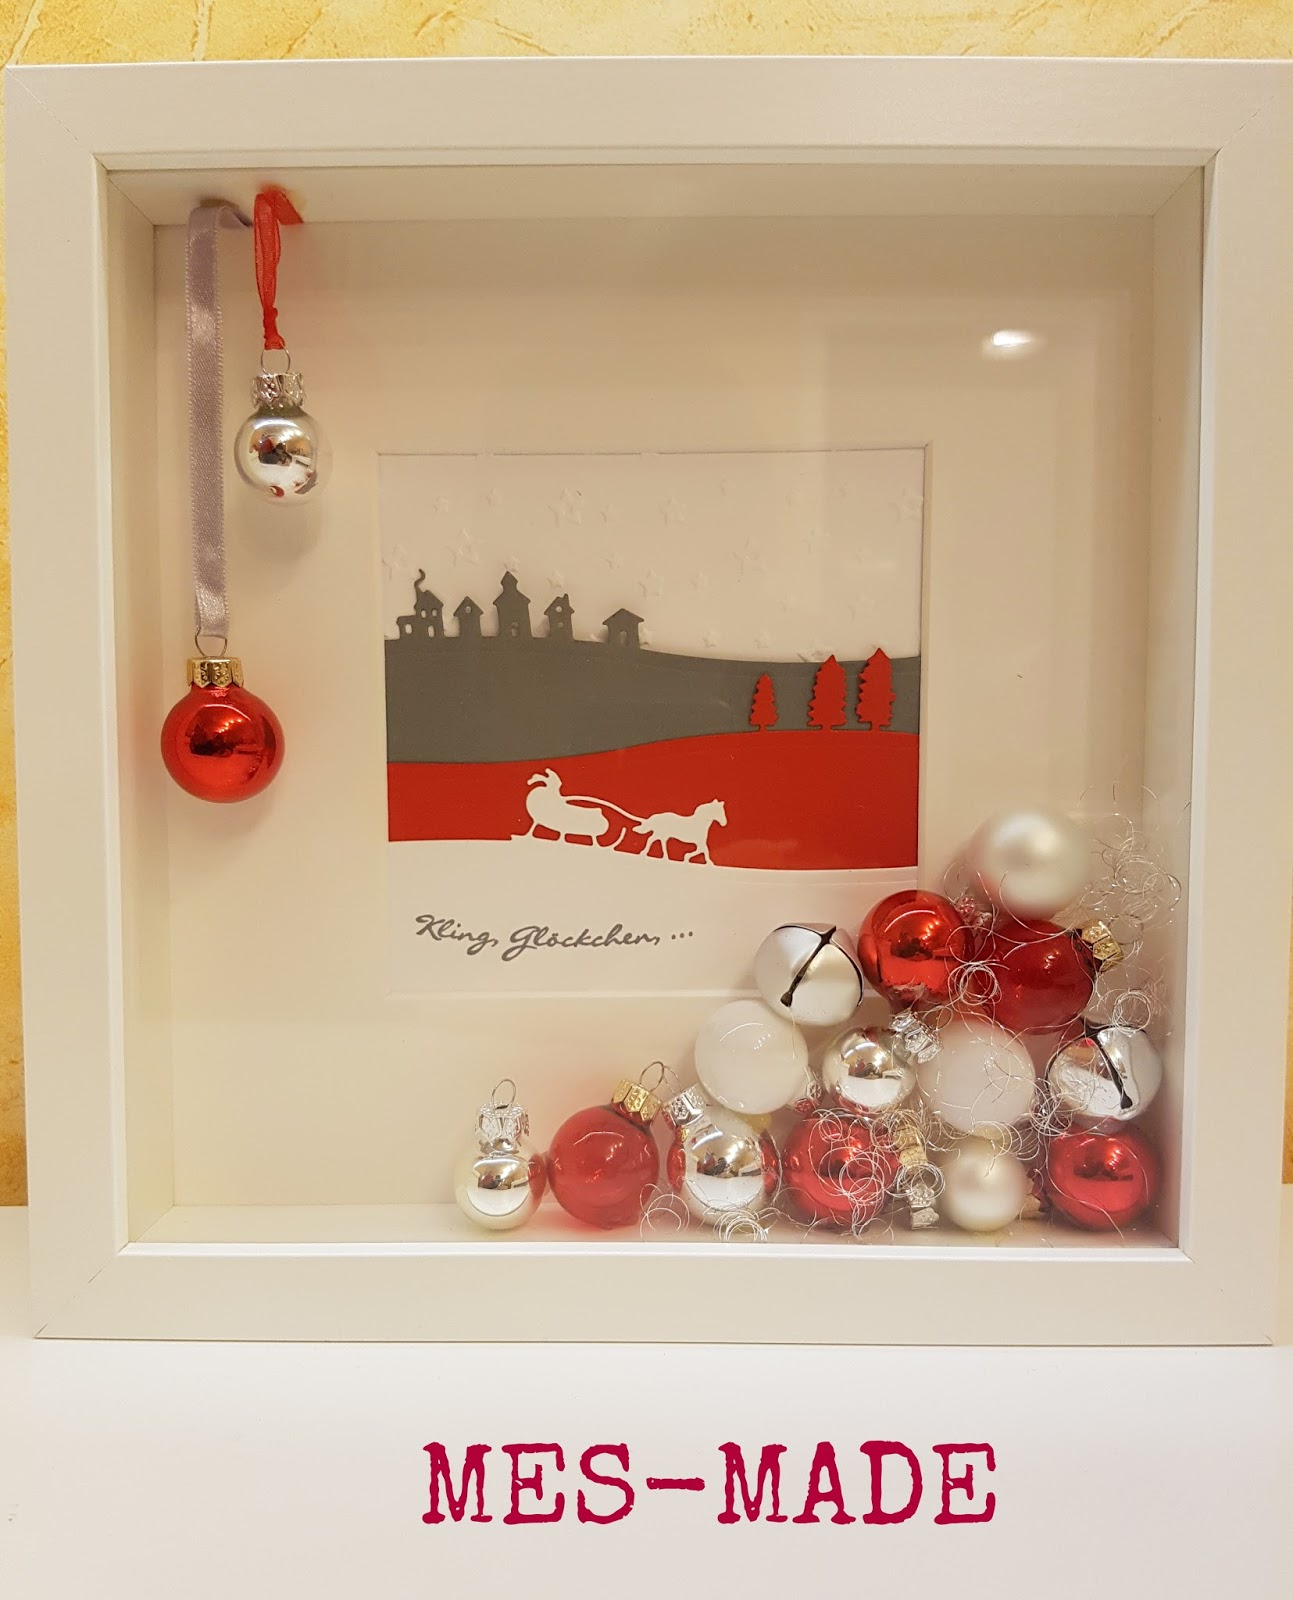 MES-MADE: Weihnachtlicher Bilderrahmen